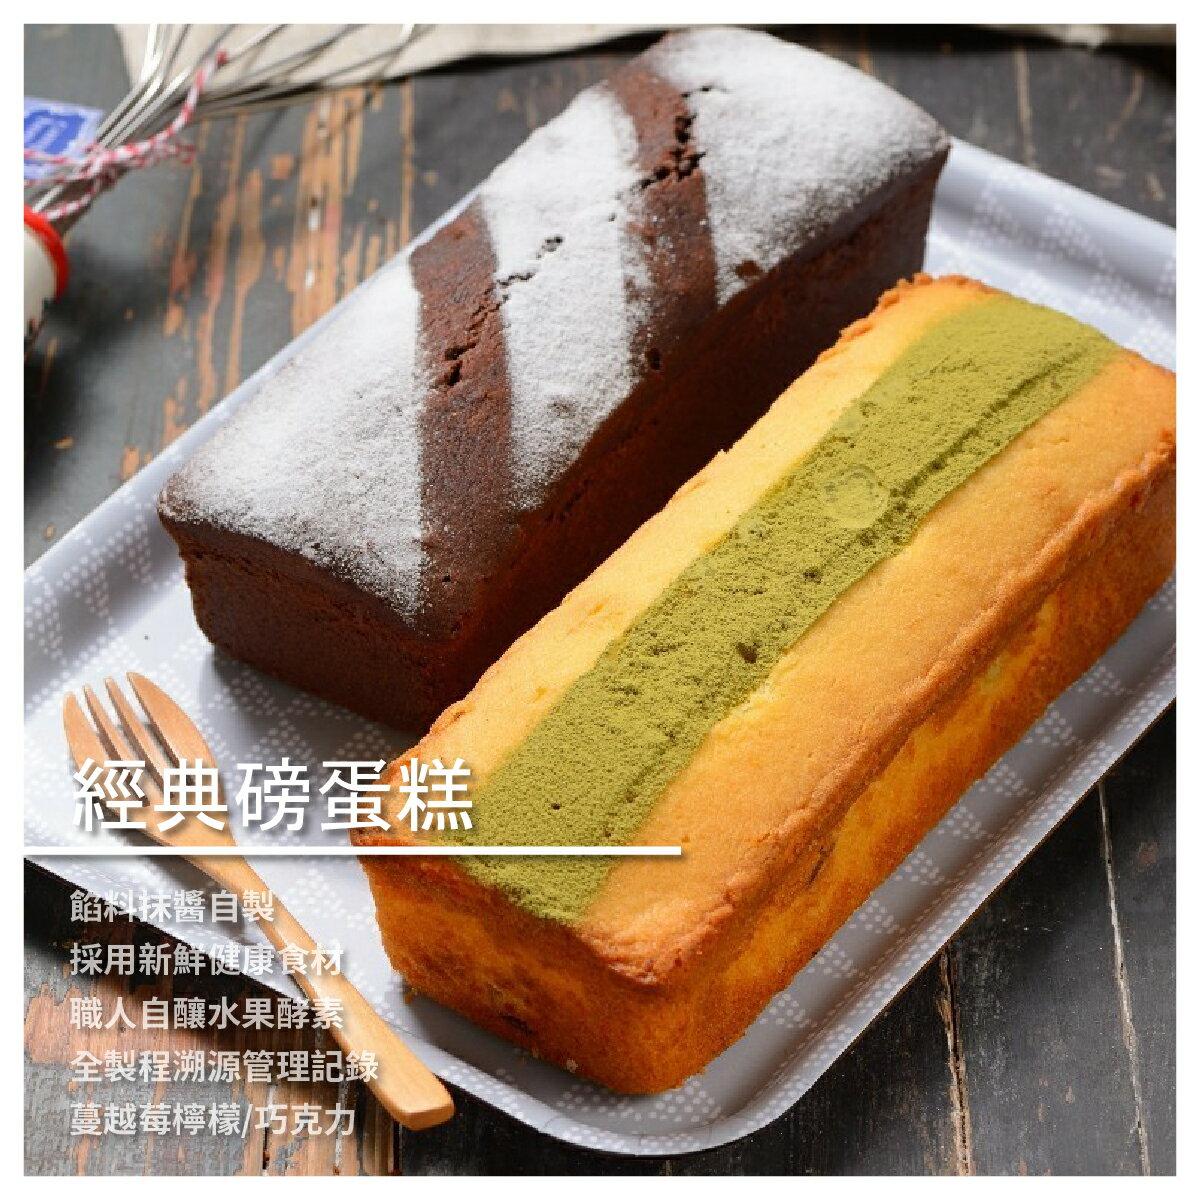 【Doly朵莉】經典磅蛋糕 蔓越莓檸檬/巧克力